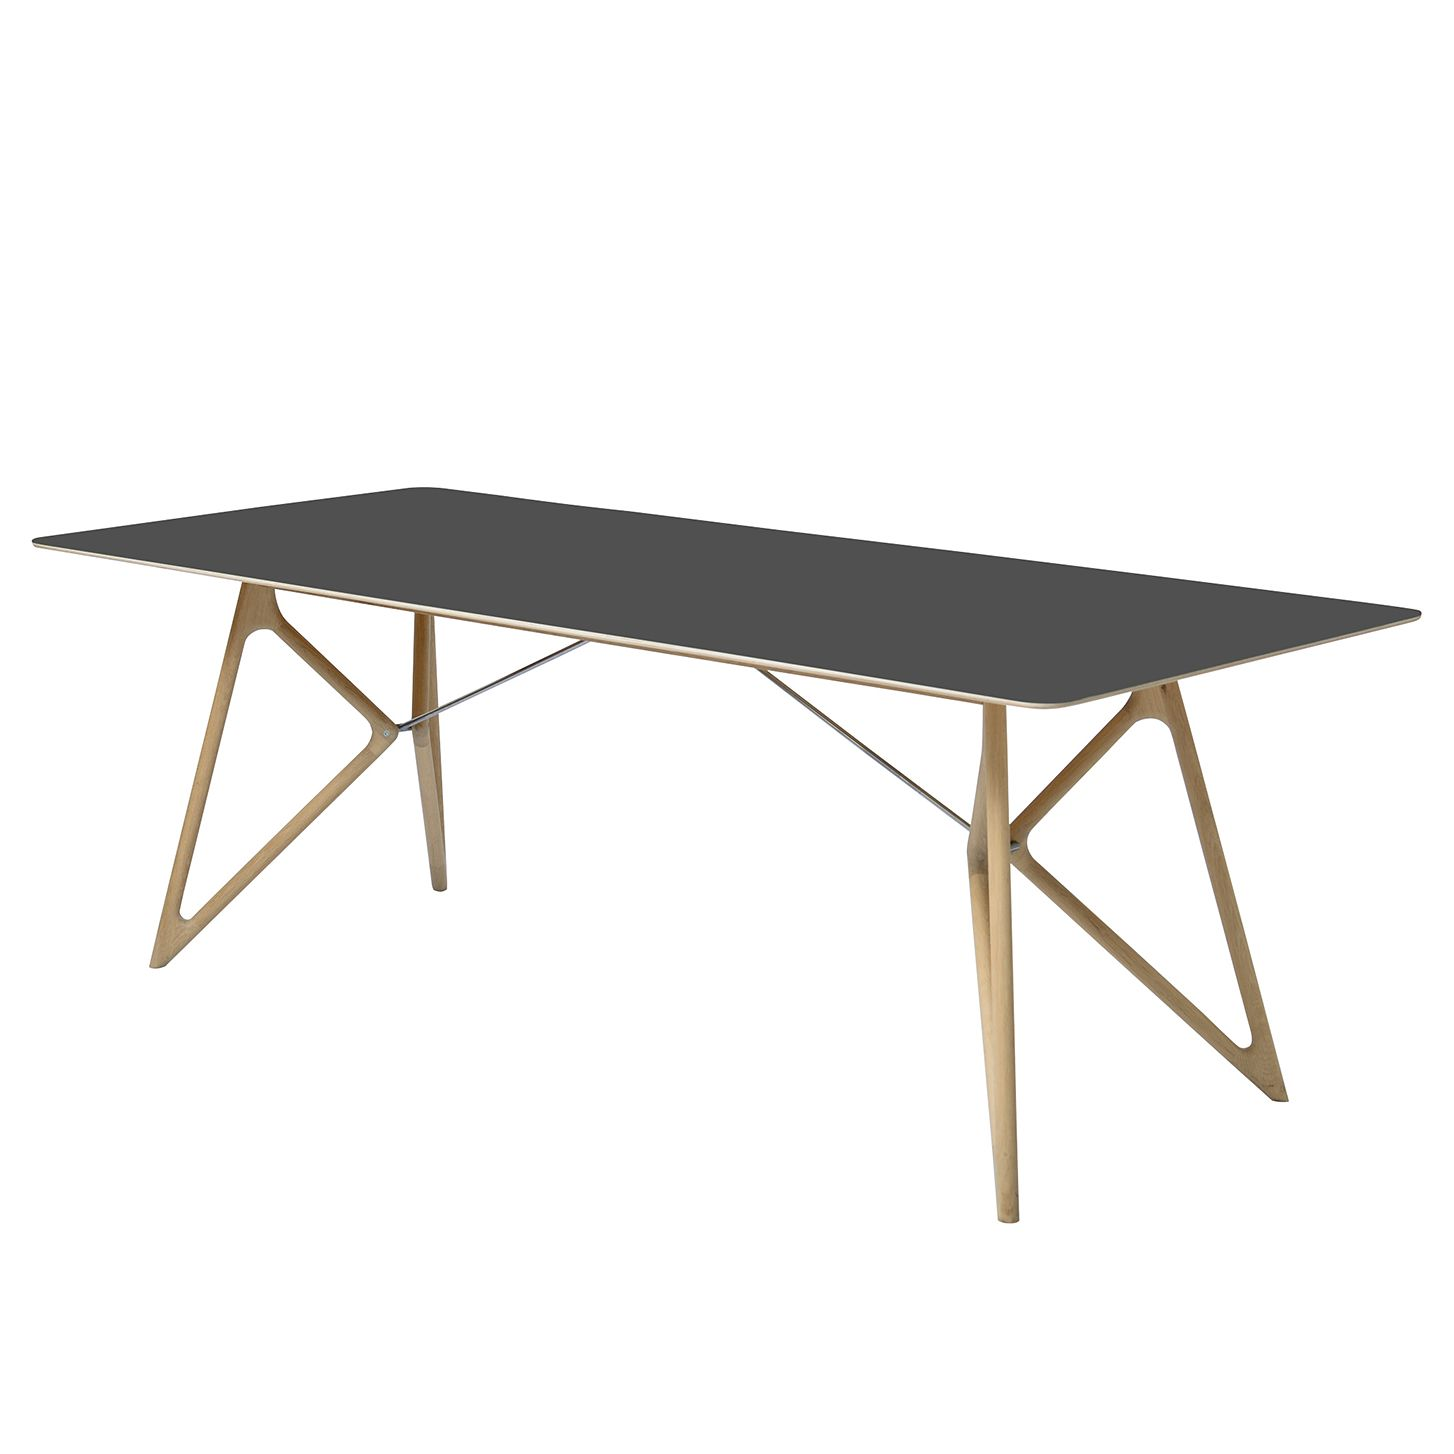 esstisch tink eiche massiv linoleum anthrazit eiche 180 x 90 cm studio copenhagen. Black Bedroom Furniture Sets. Home Design Ideas